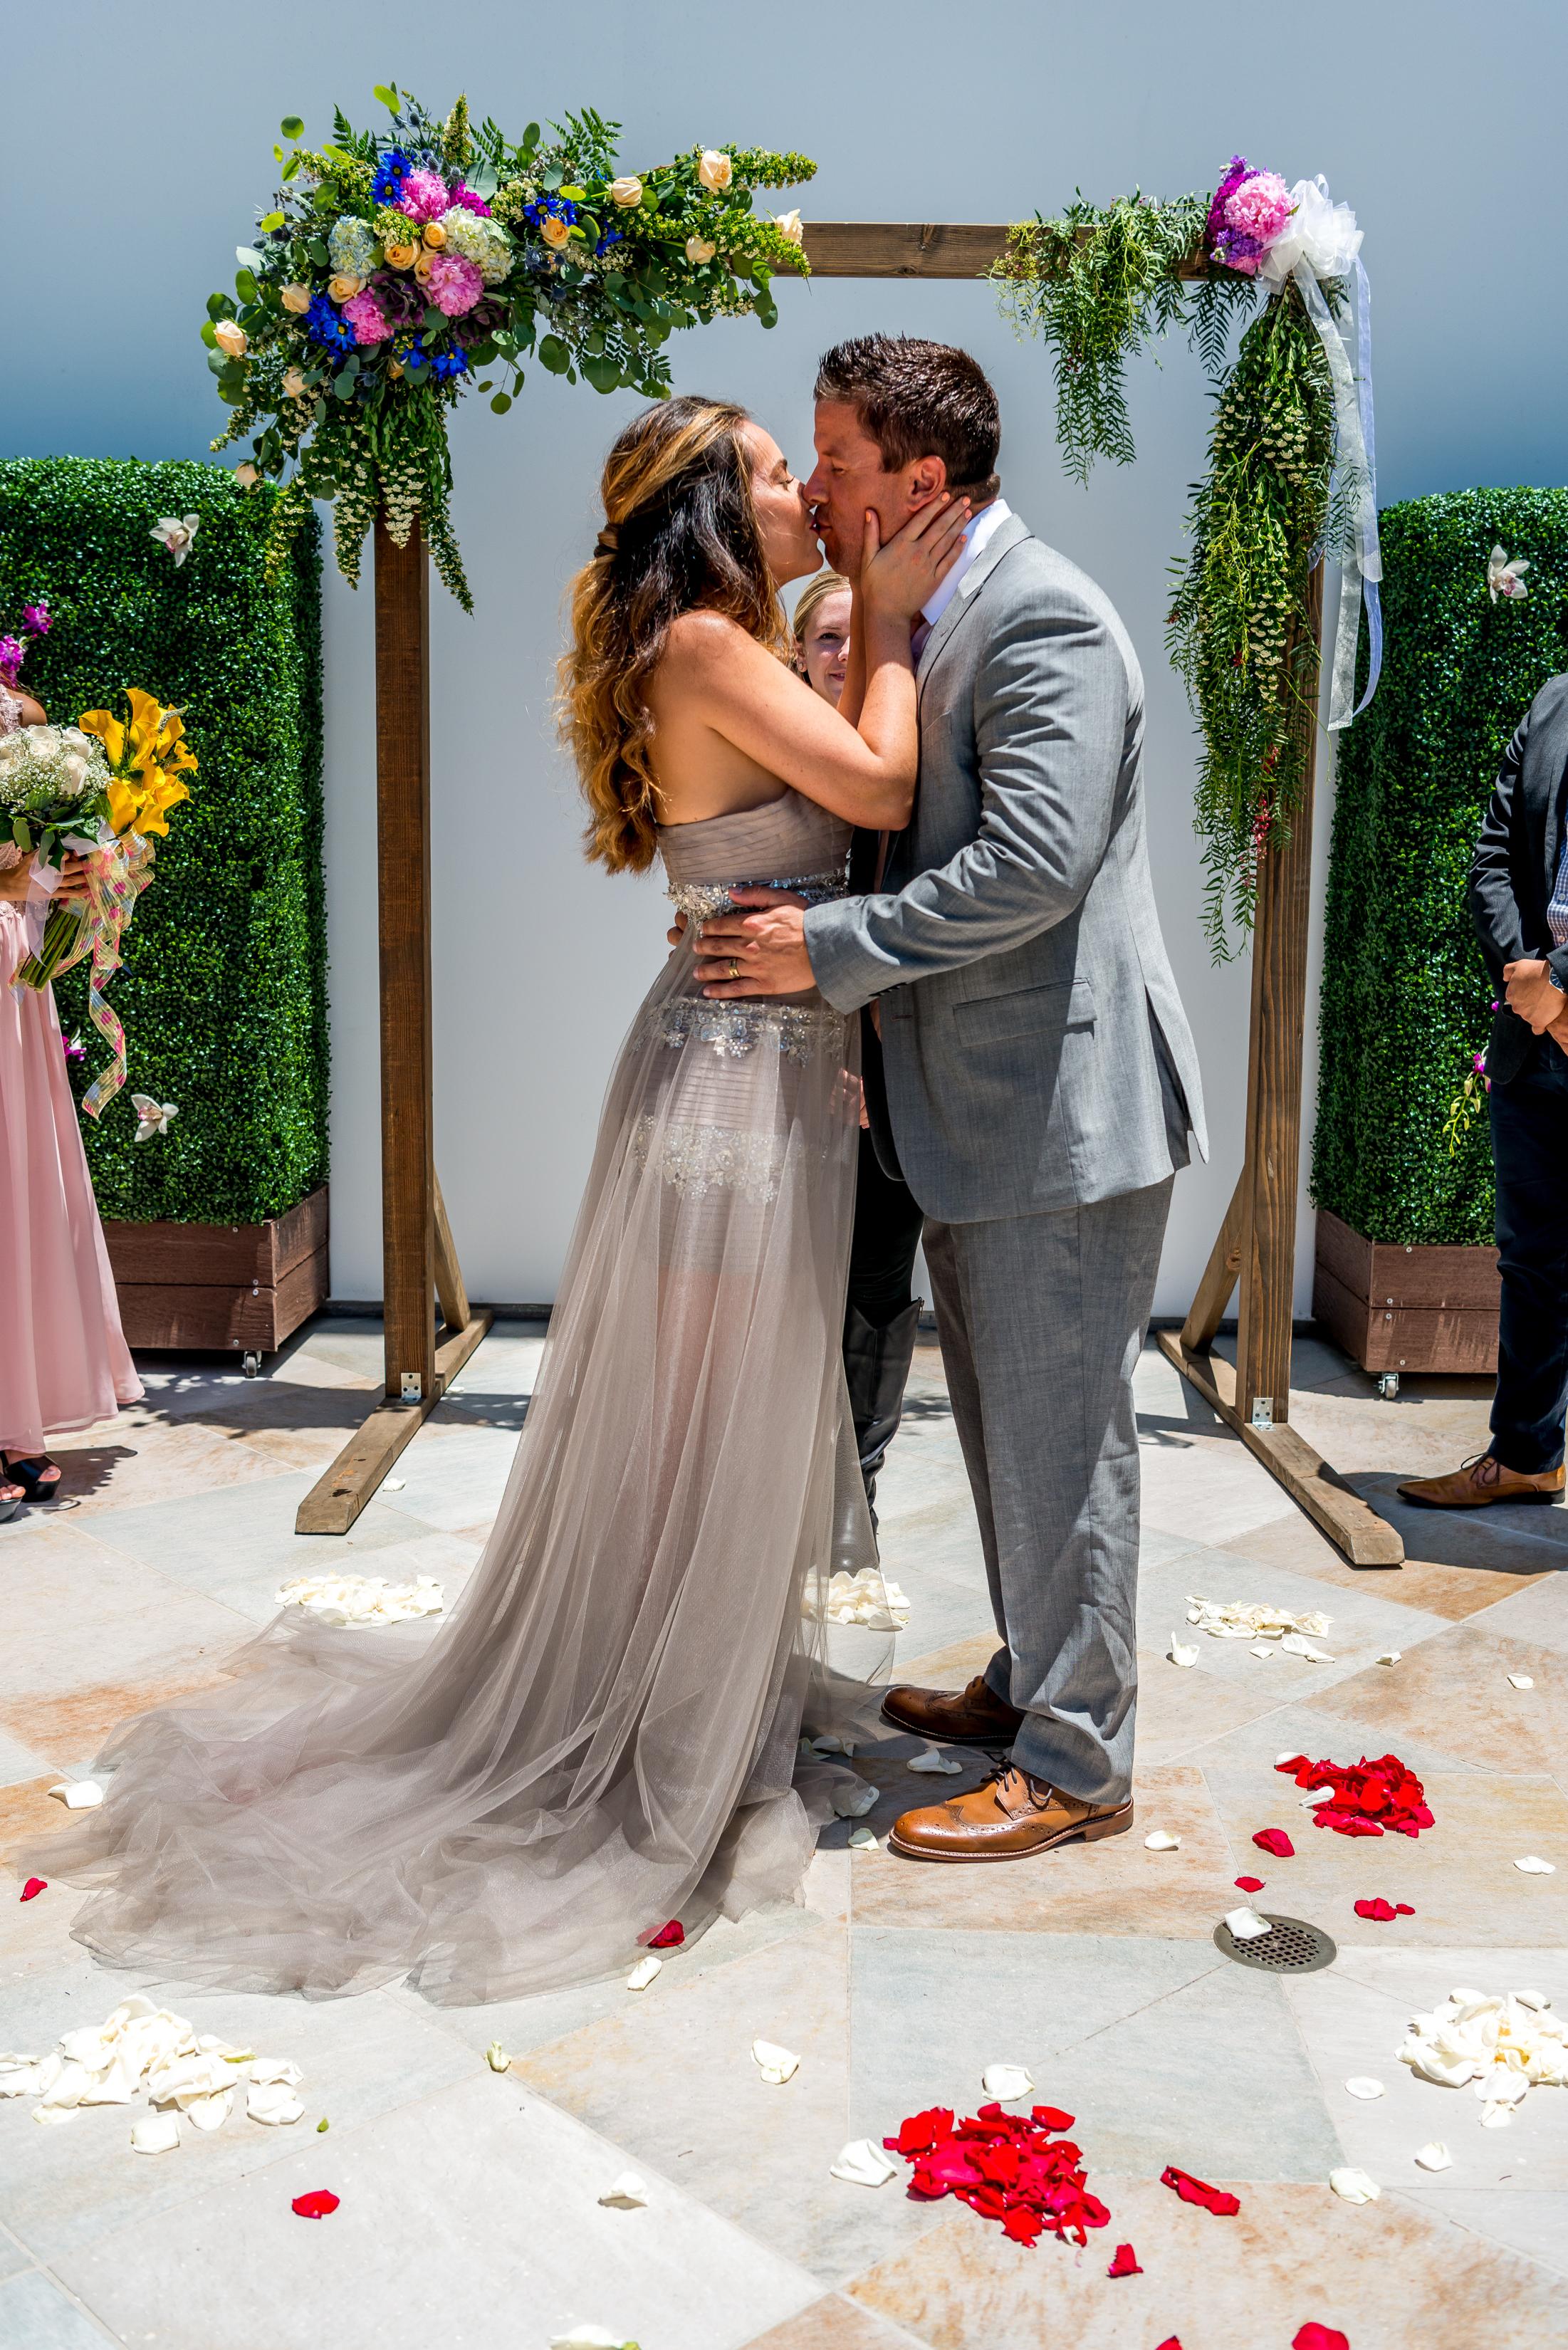 The_Centre_Escondido_Weddings_Emry_Photography_0274.jpg